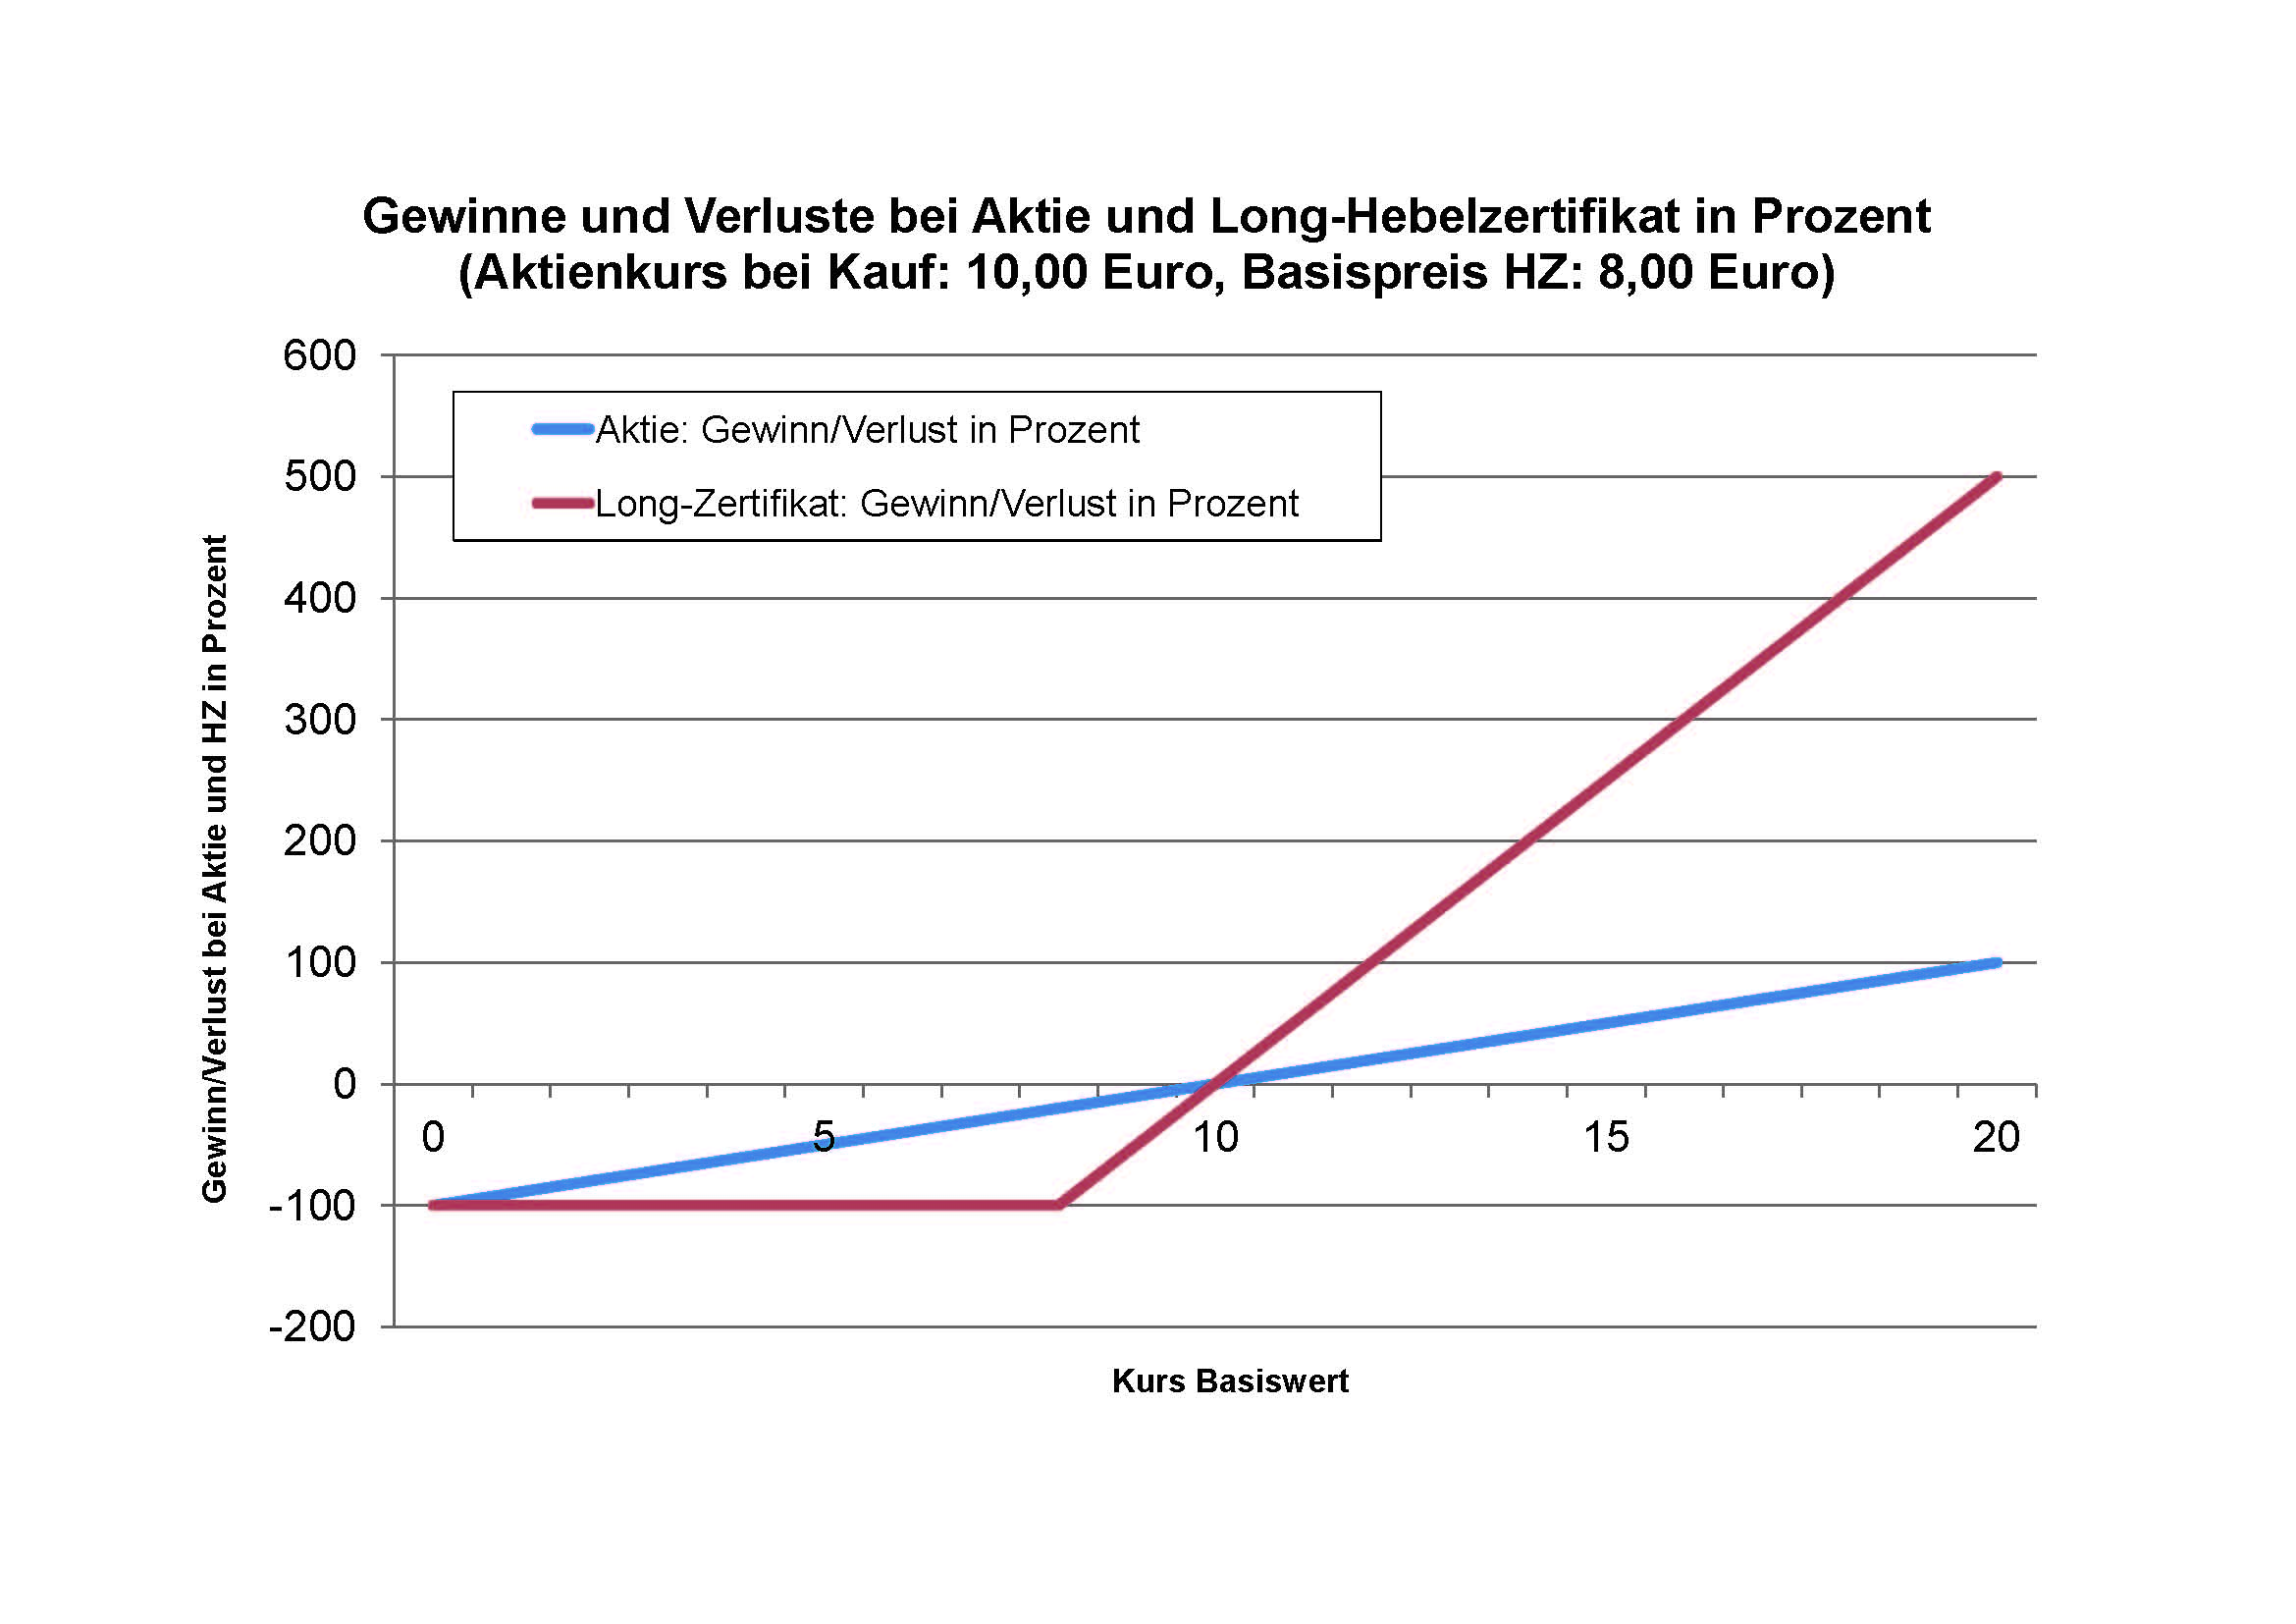 Ausgezeichnet Gewinn Und Verlustarten Galerie - FORTSETZUNG ...